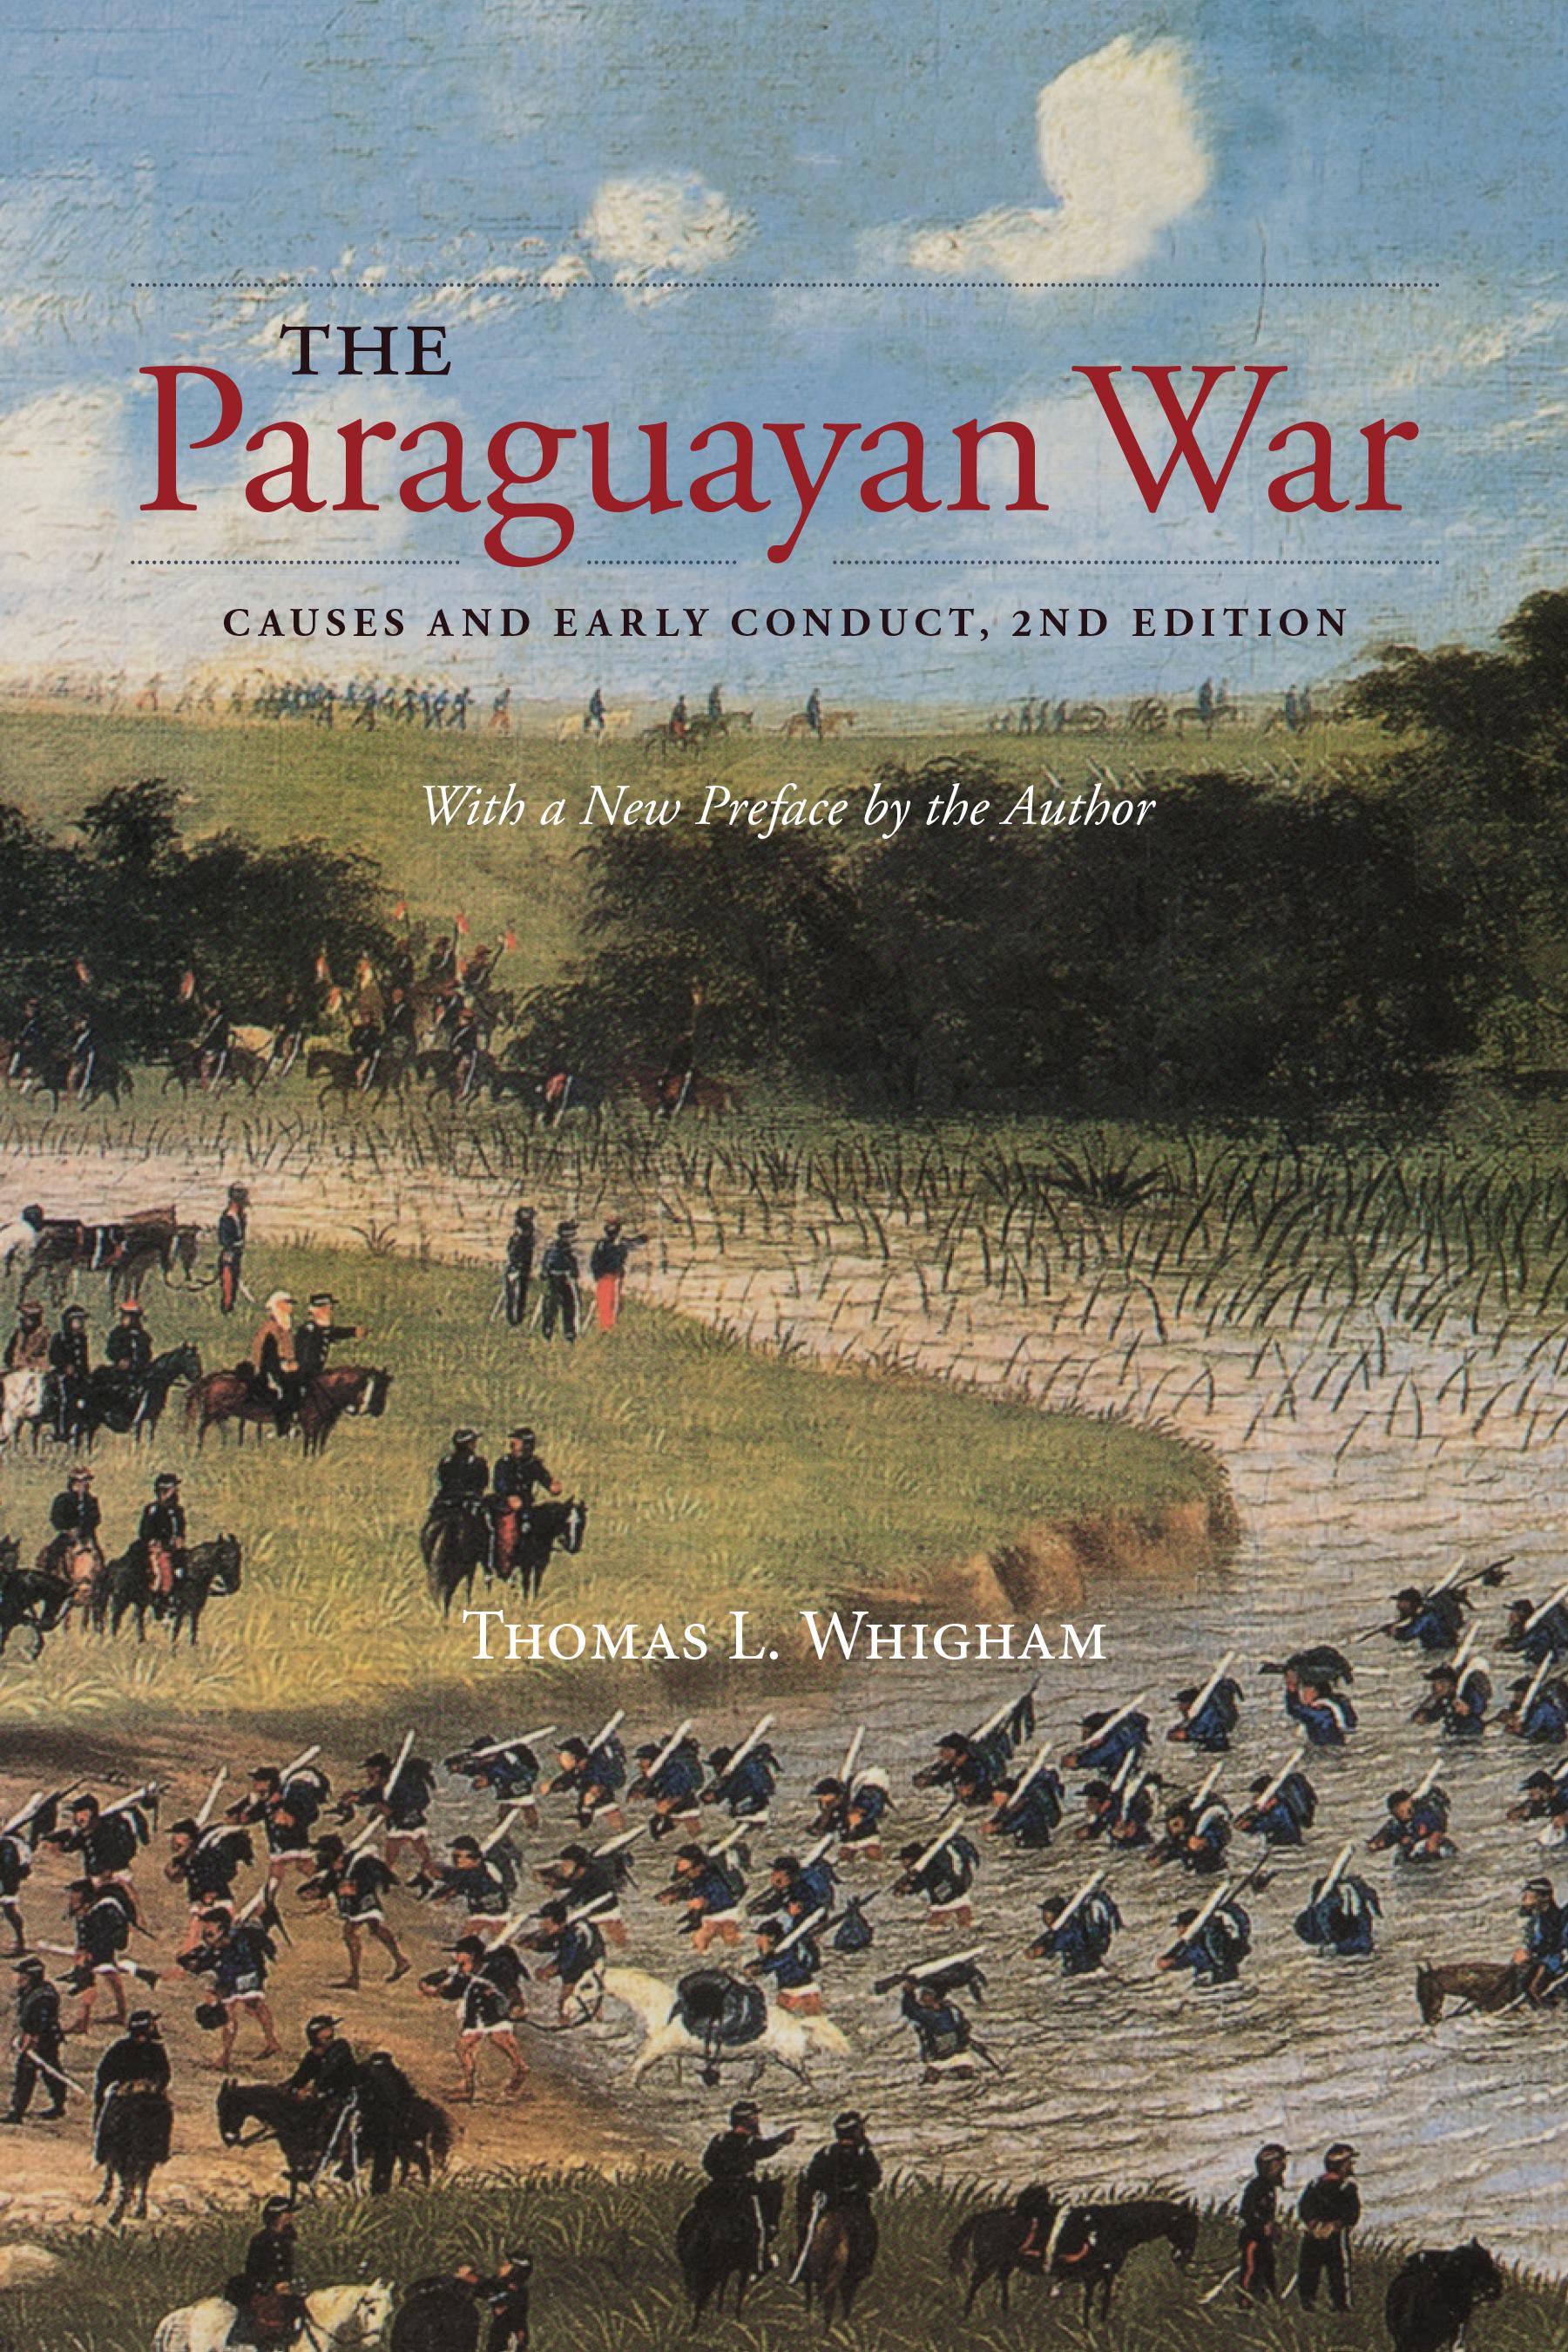 The Paraguayan War